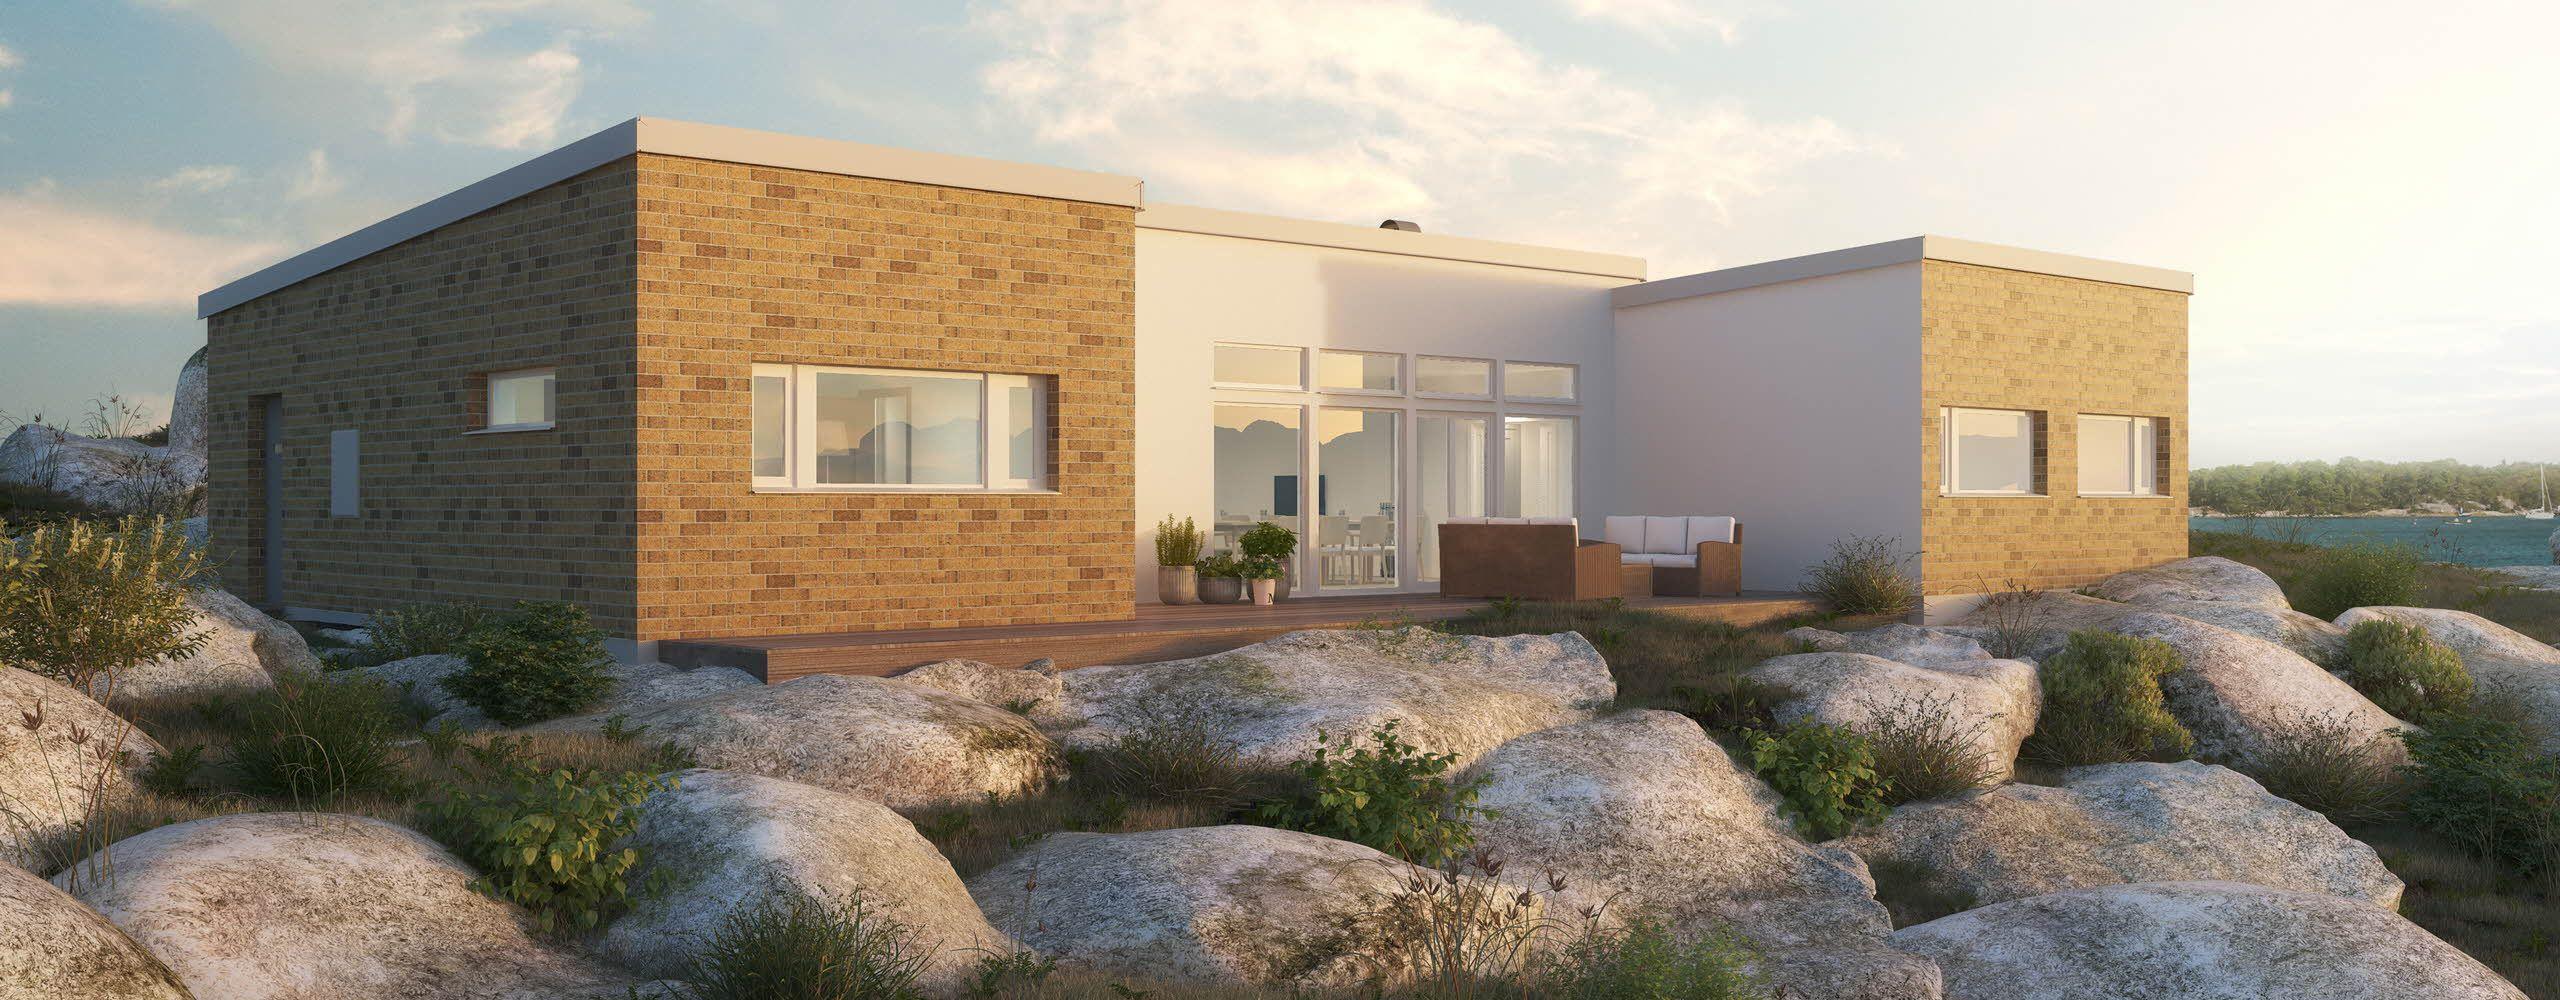 Ett hus som sticker ut från arkitekter och designers